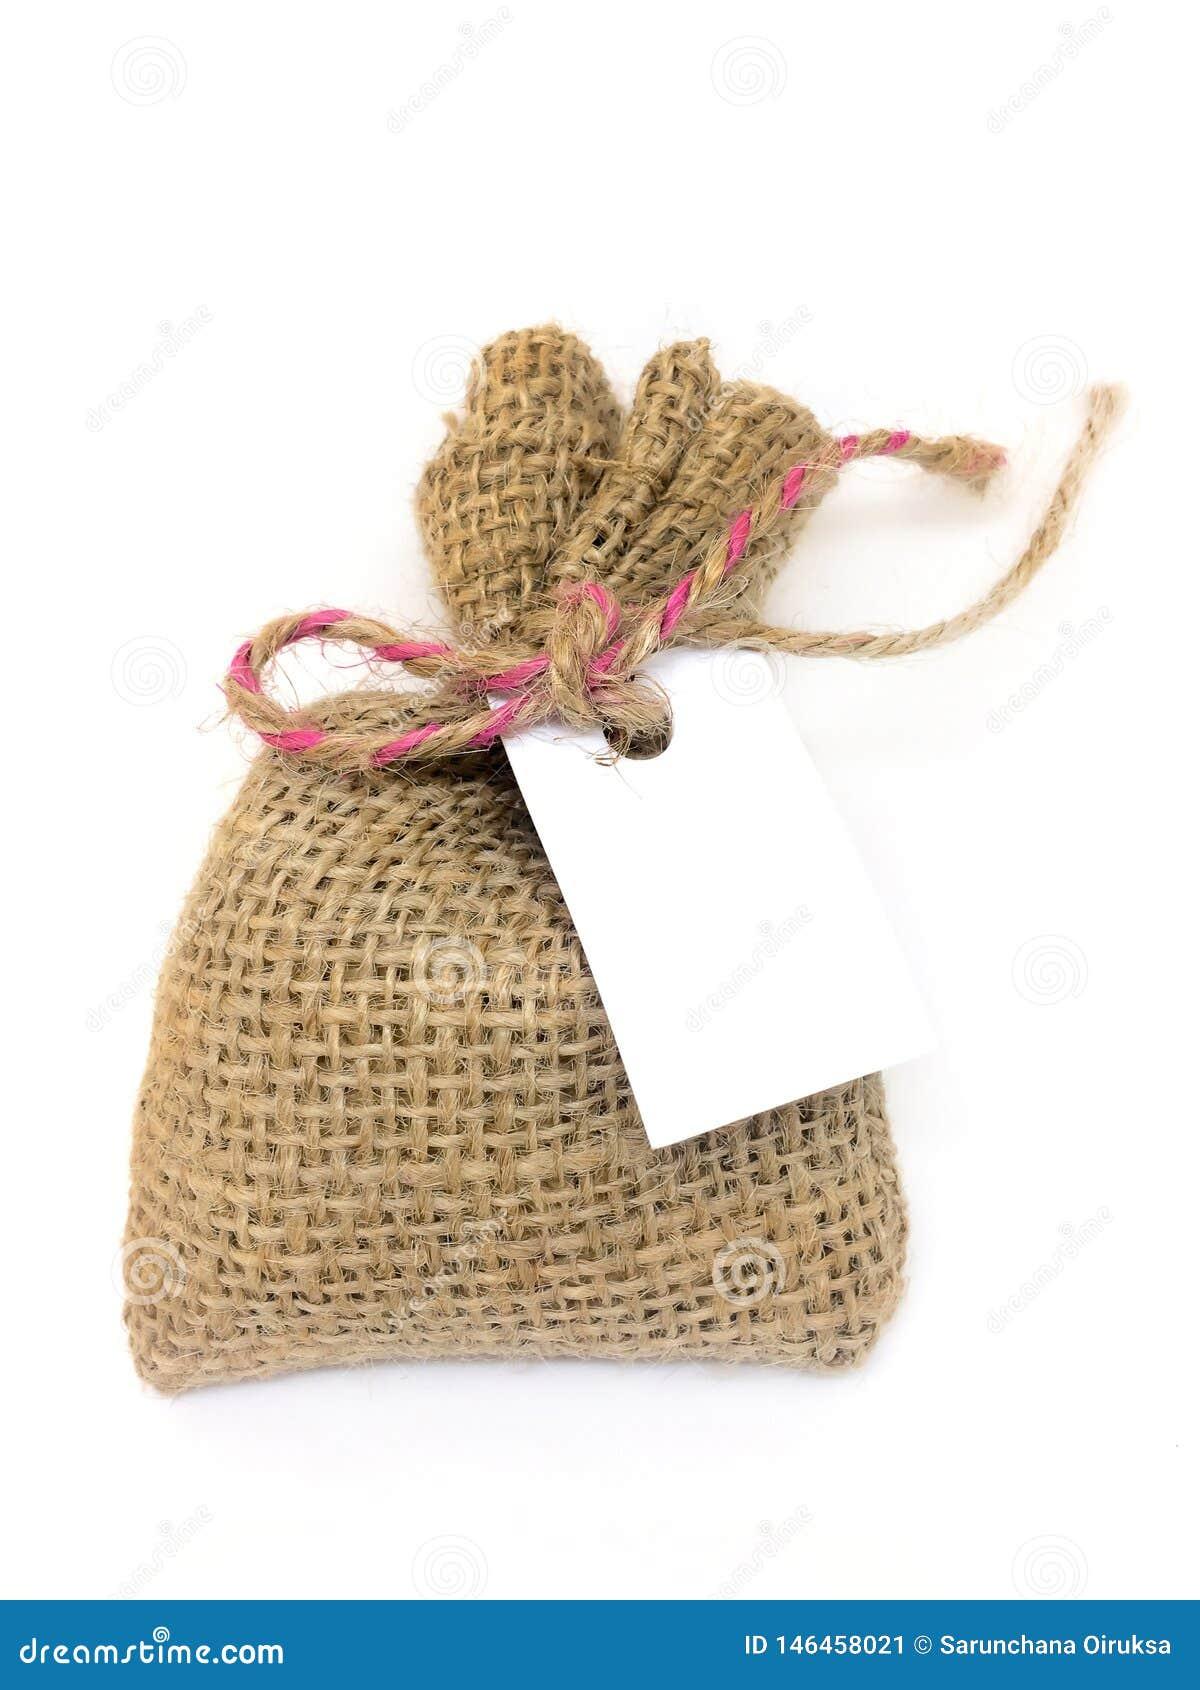 Sacchi delle borse del sacco o sacchi separati su un fondo bianco e una carta di regalo per la scrittura dei messaggi